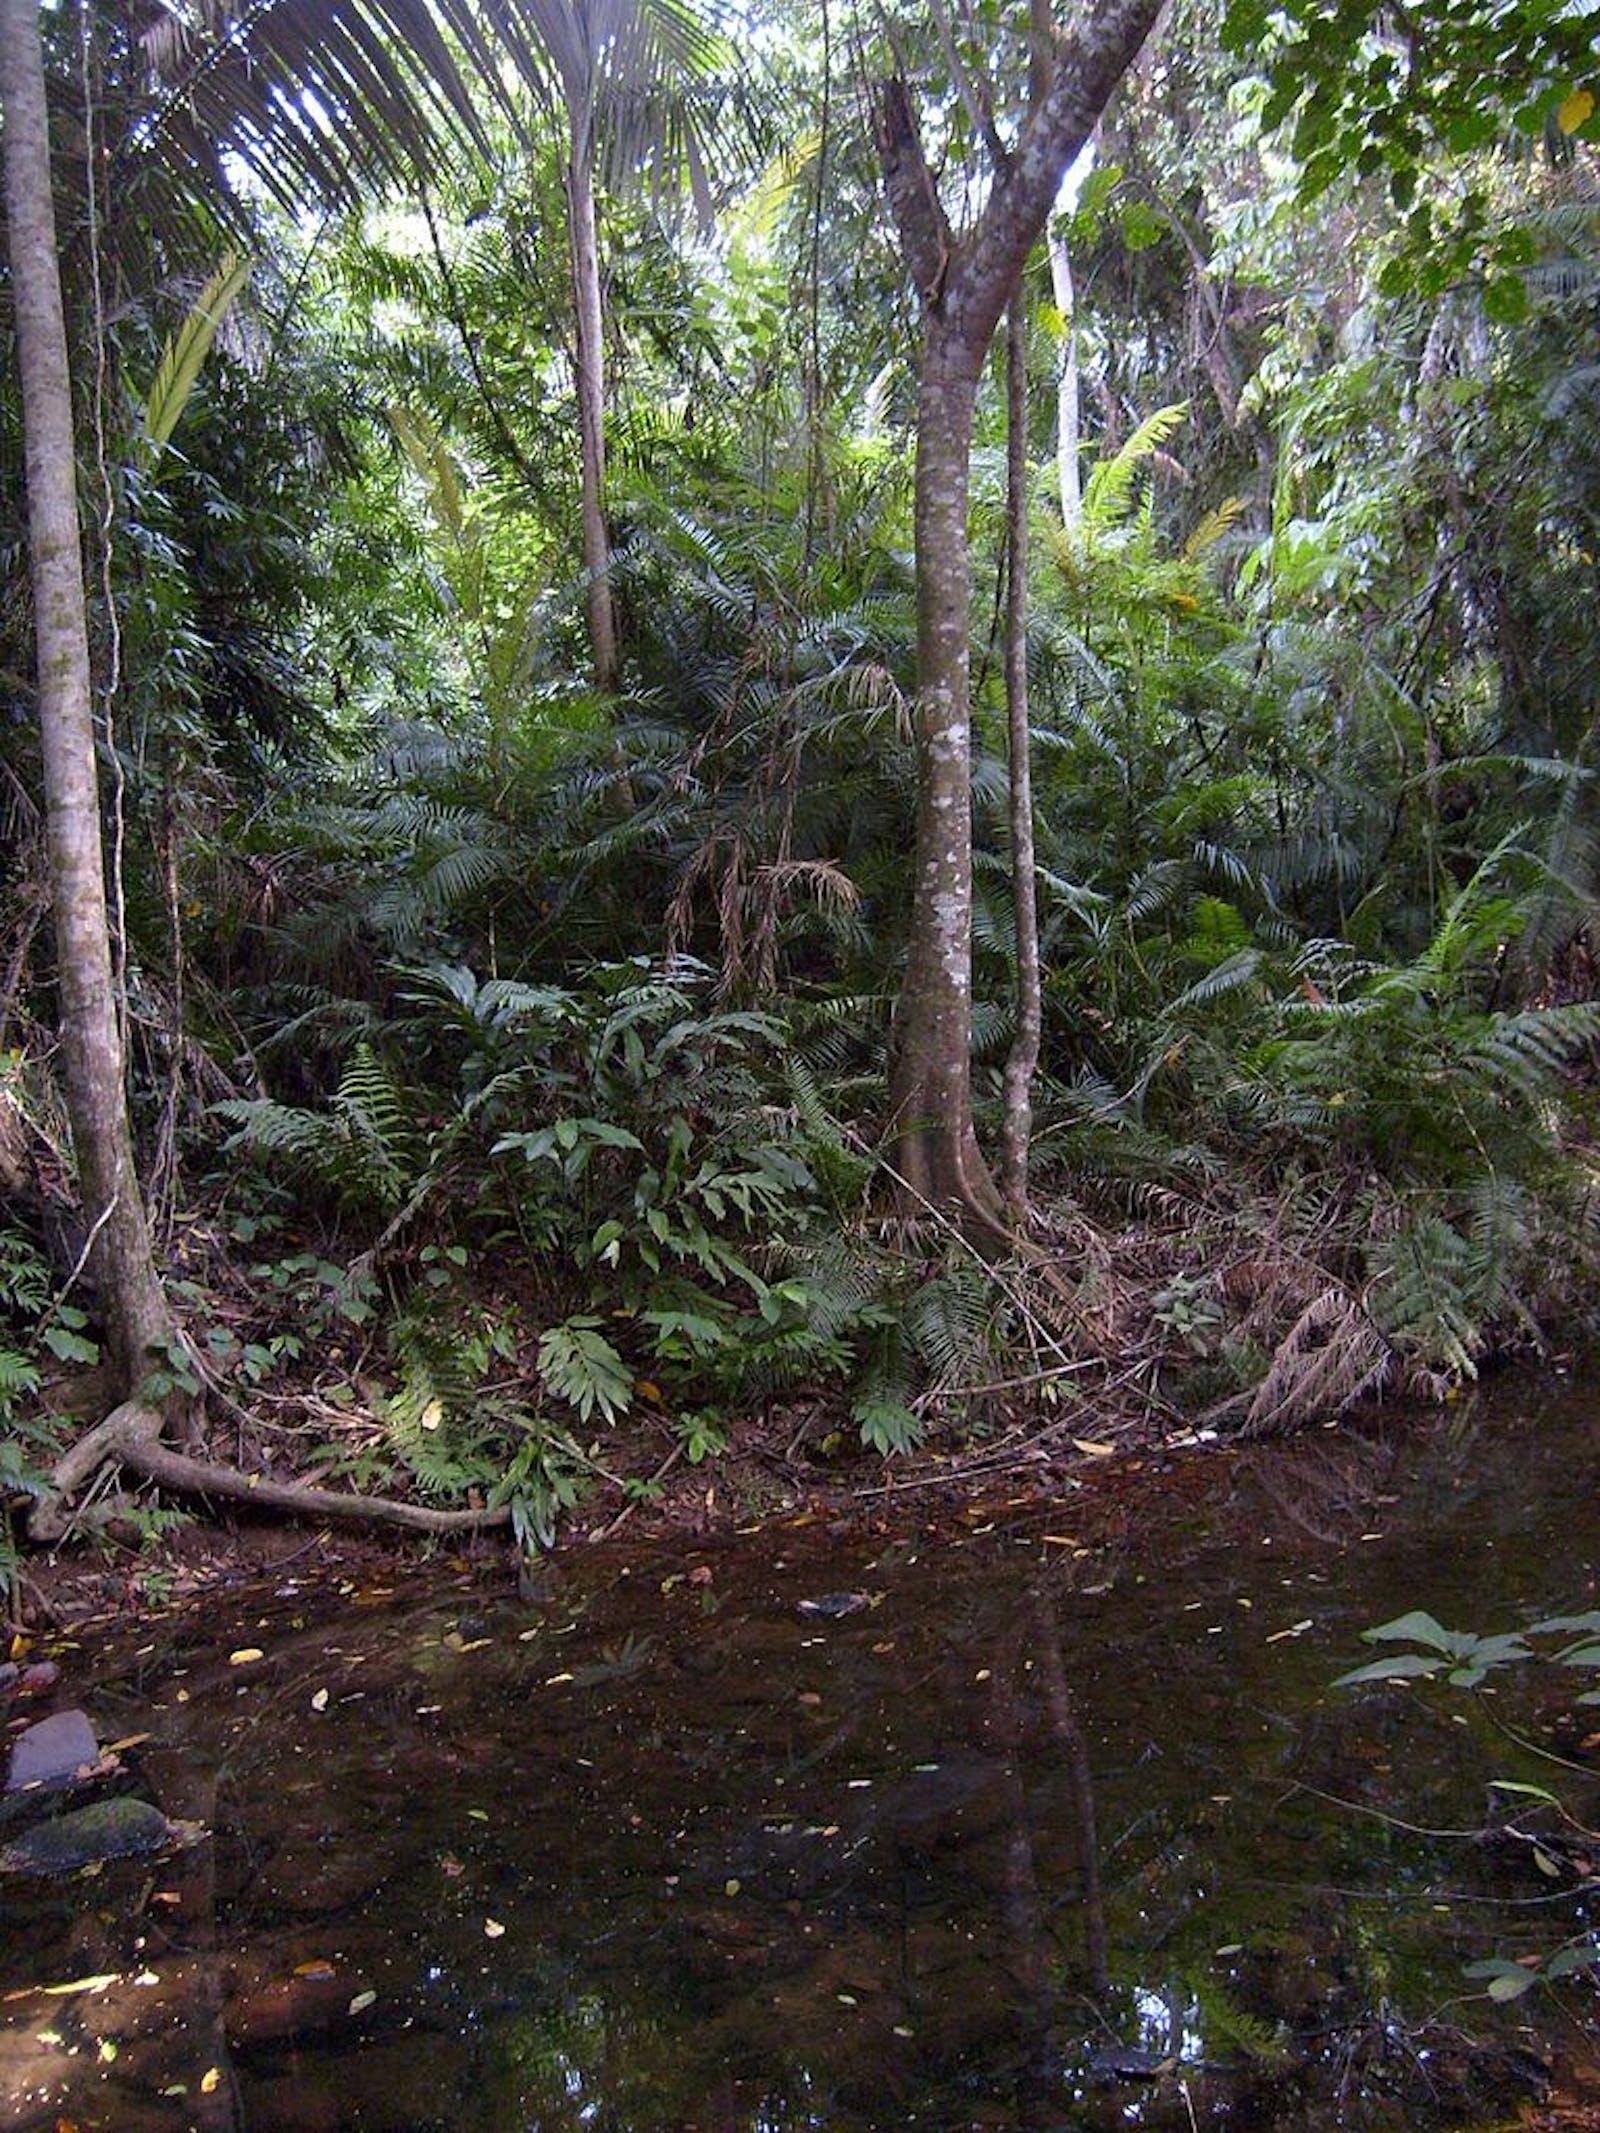 Peninsular Malaysian Rainforests